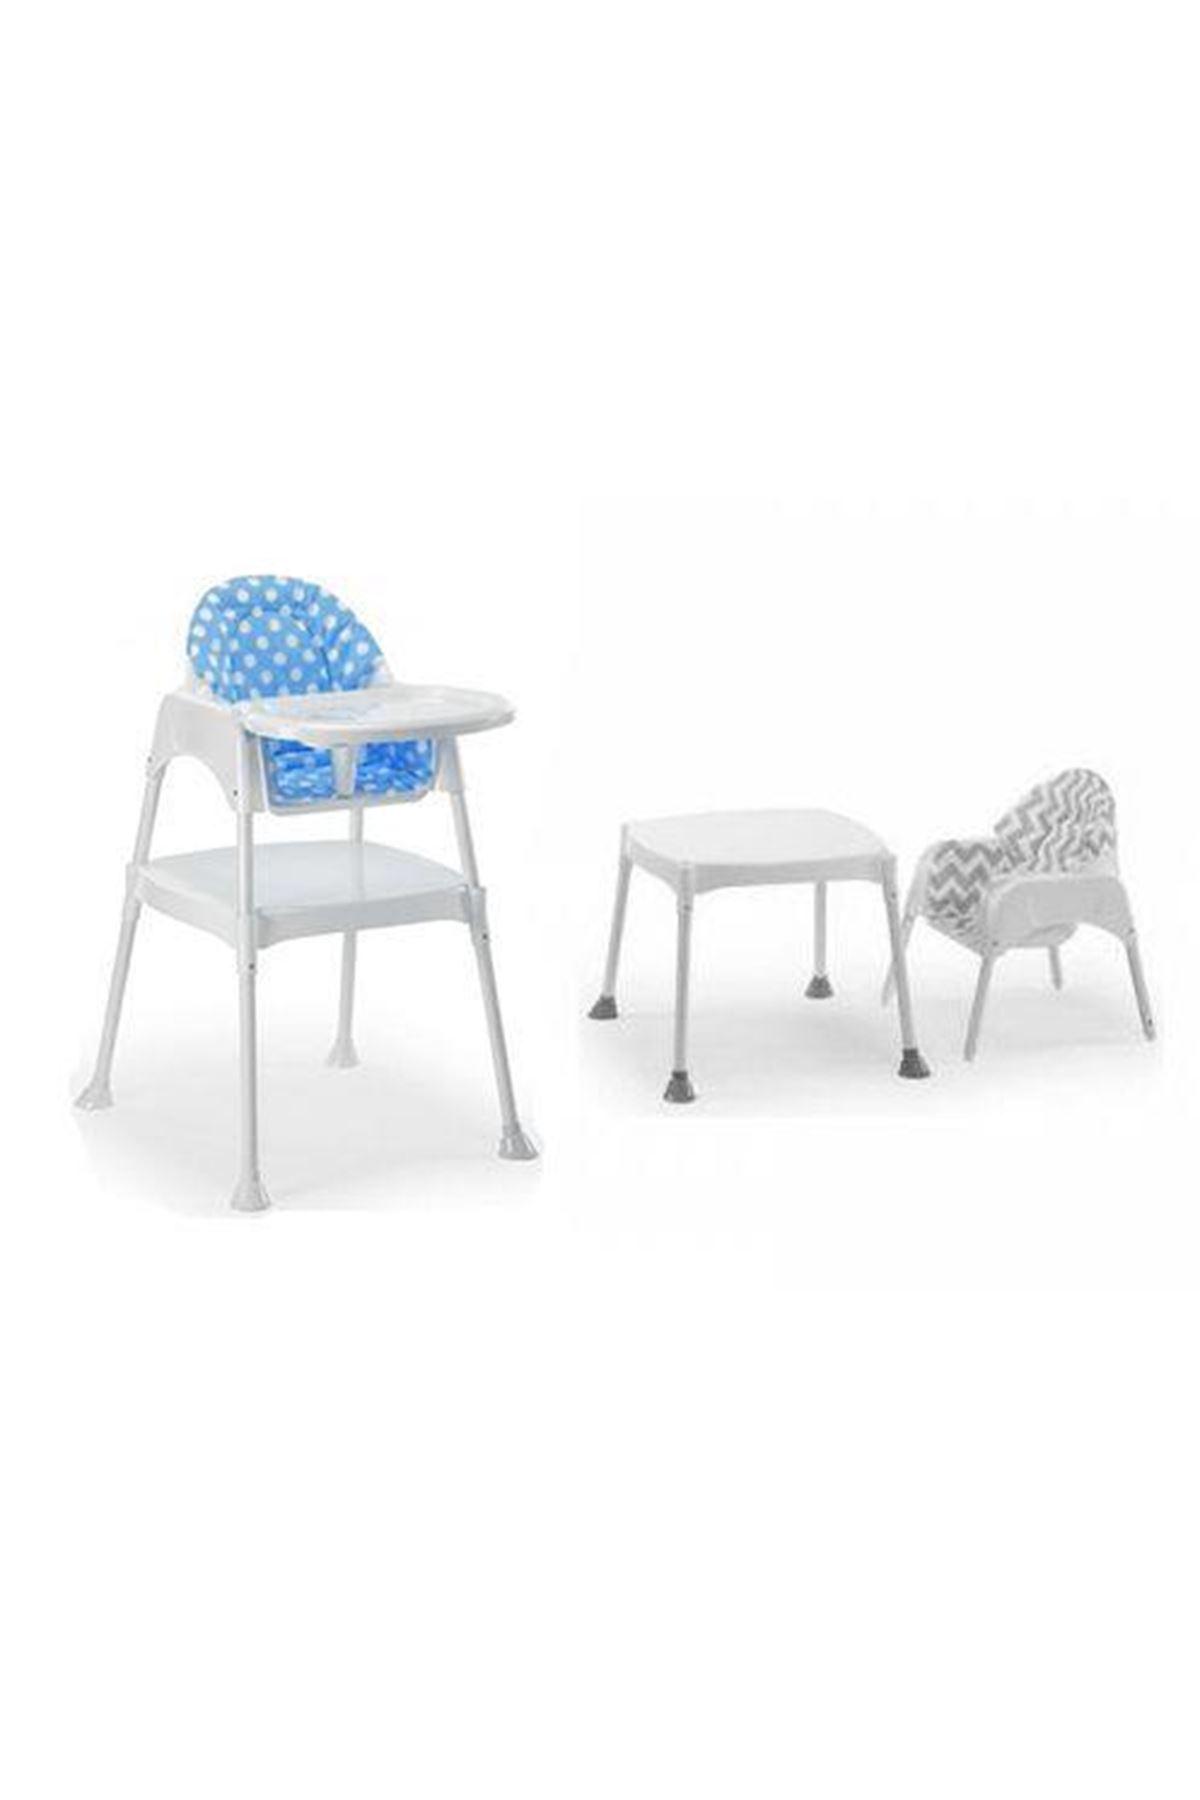 Moje Çalışma Masalı Portatif Mama Sandalyesi (Minderli Set) Mavi